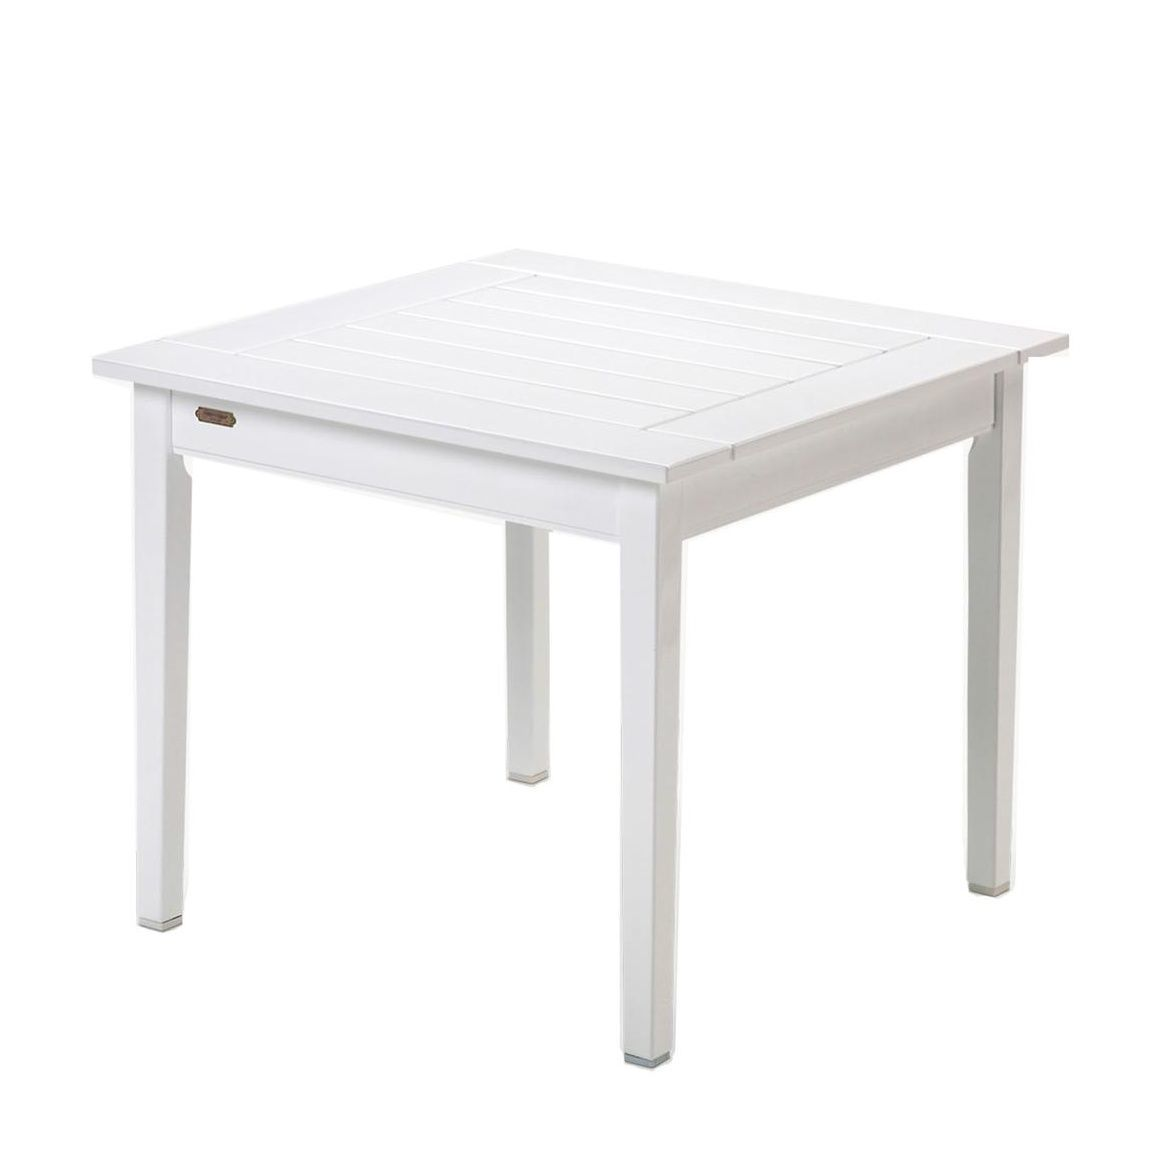 Drachmann table de jardin 86 skagerak for Jardin 86